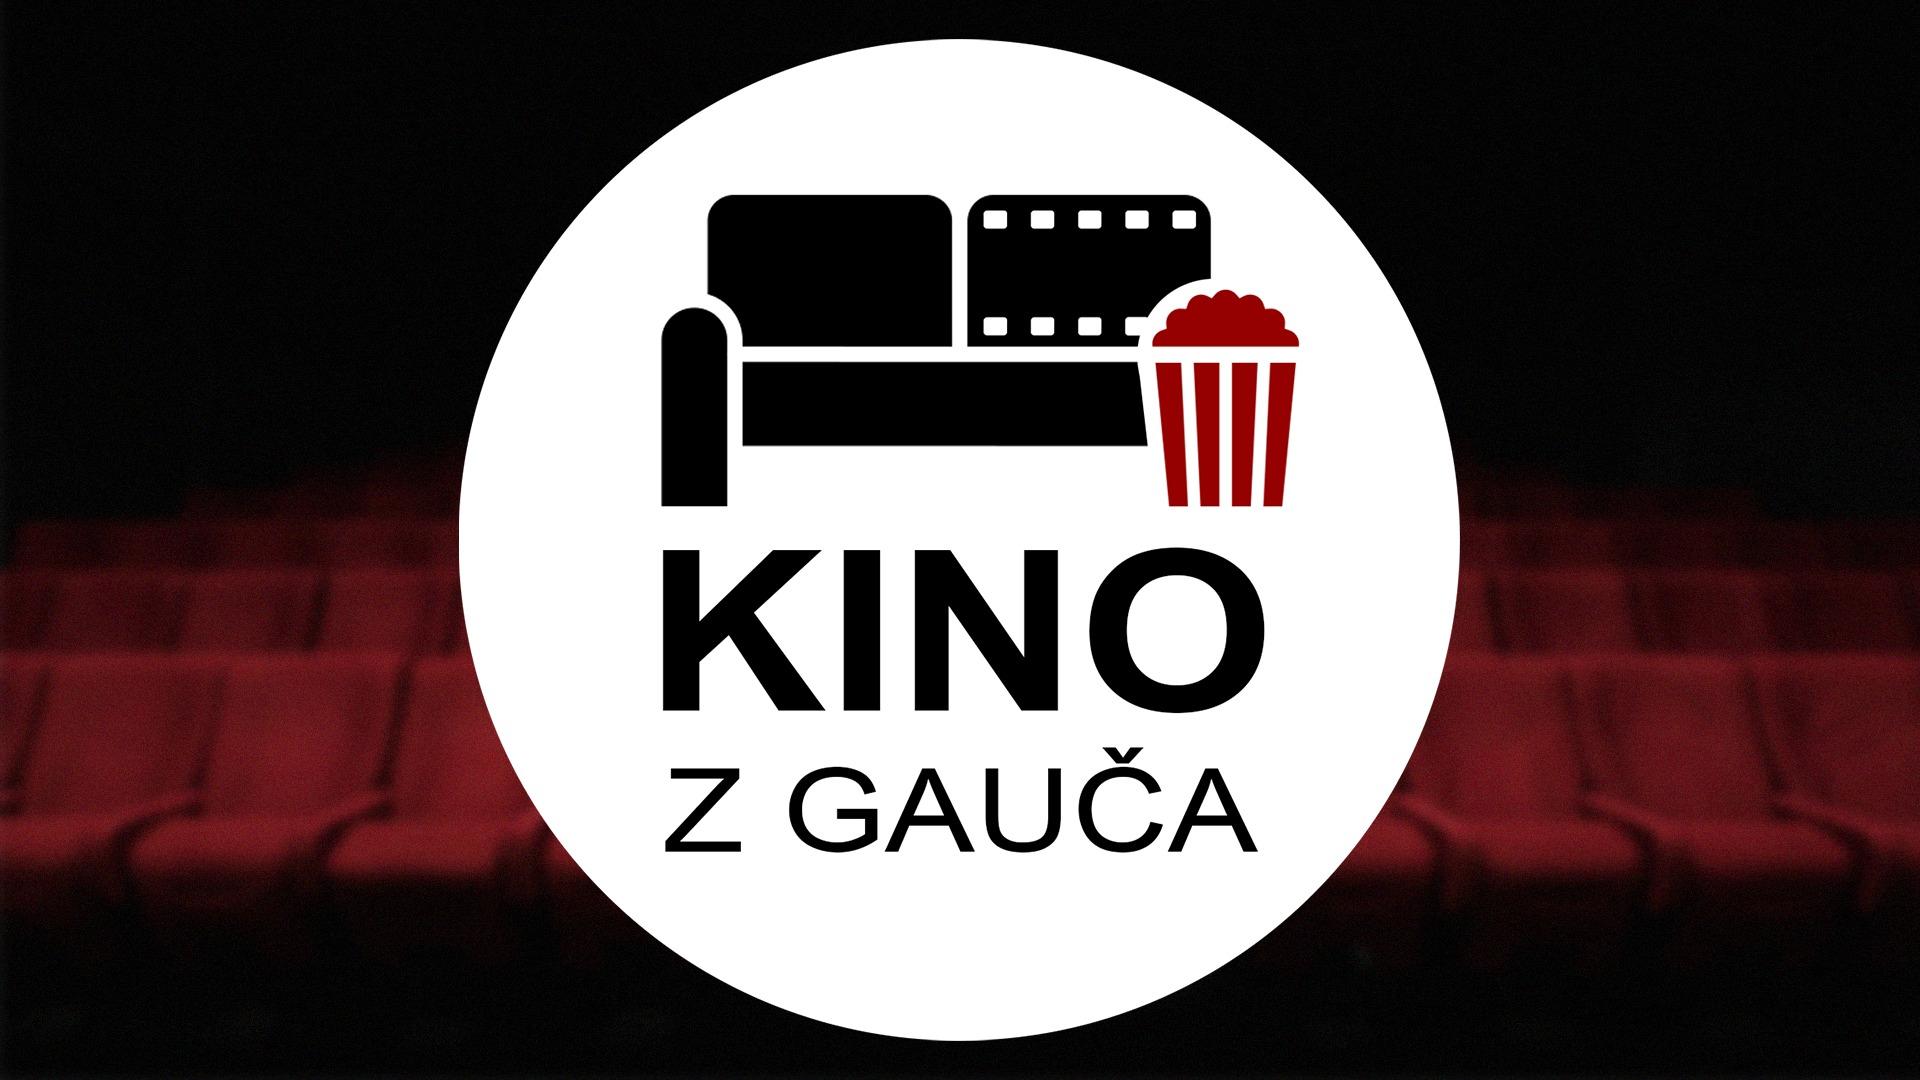 kino z gauča